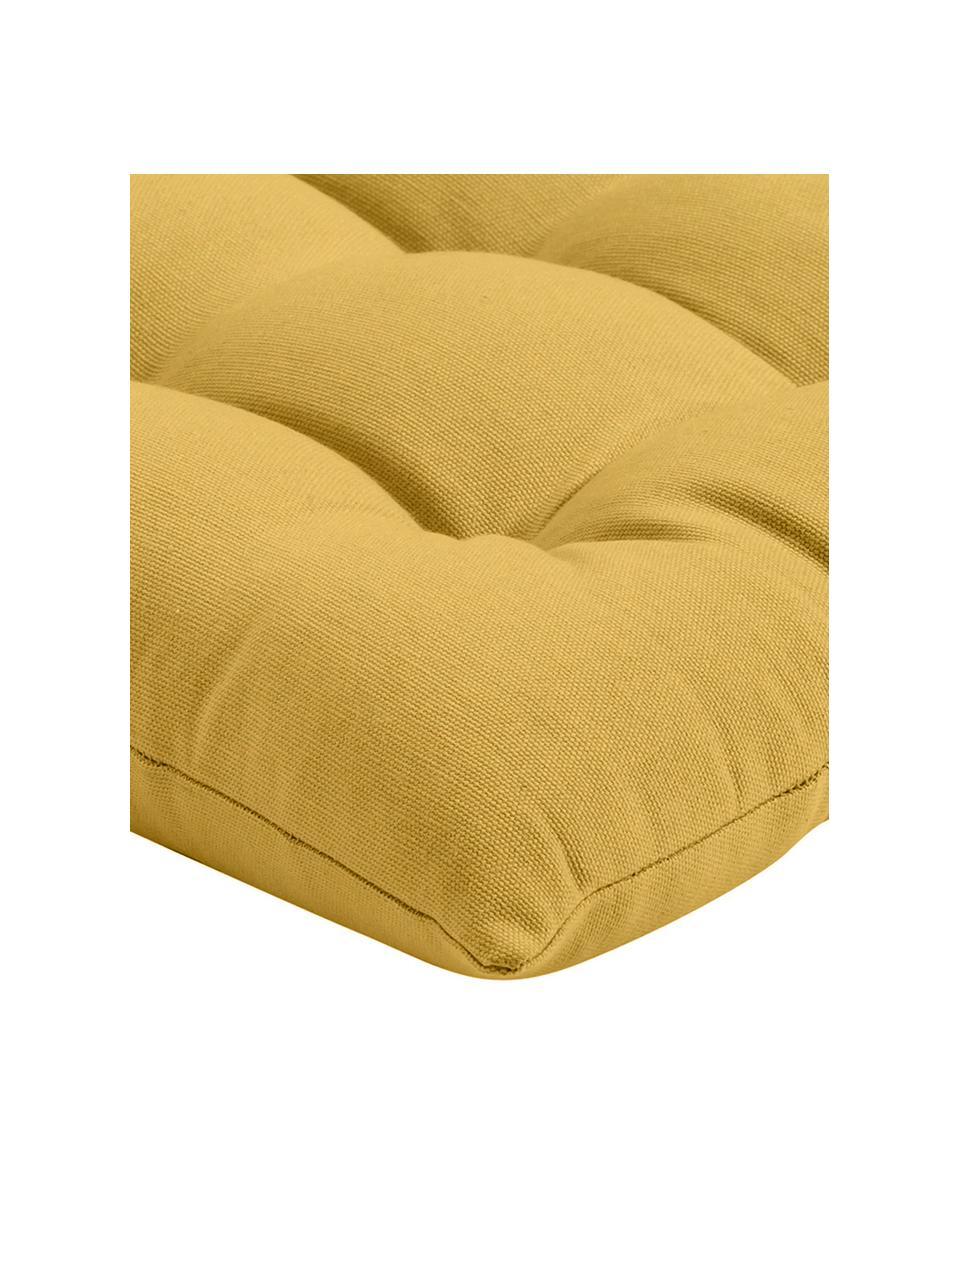 Cuscino sedia giallo Ava, Rivestimento: 100% cotone, Giallo, Larg. 40 x Lung. 40 cm